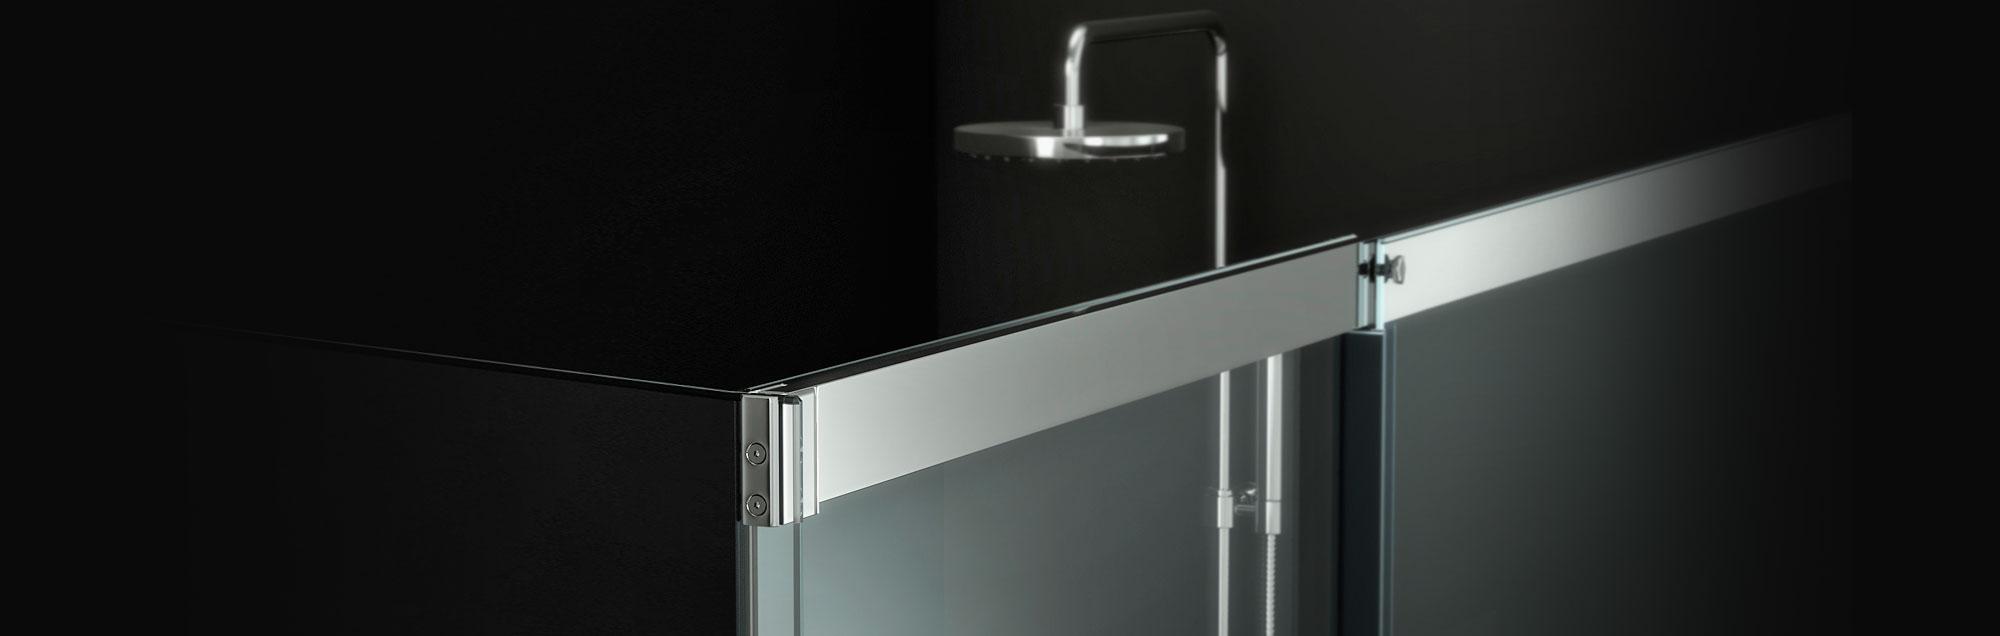 Série Smart Vita parois de baignoire coulissantes